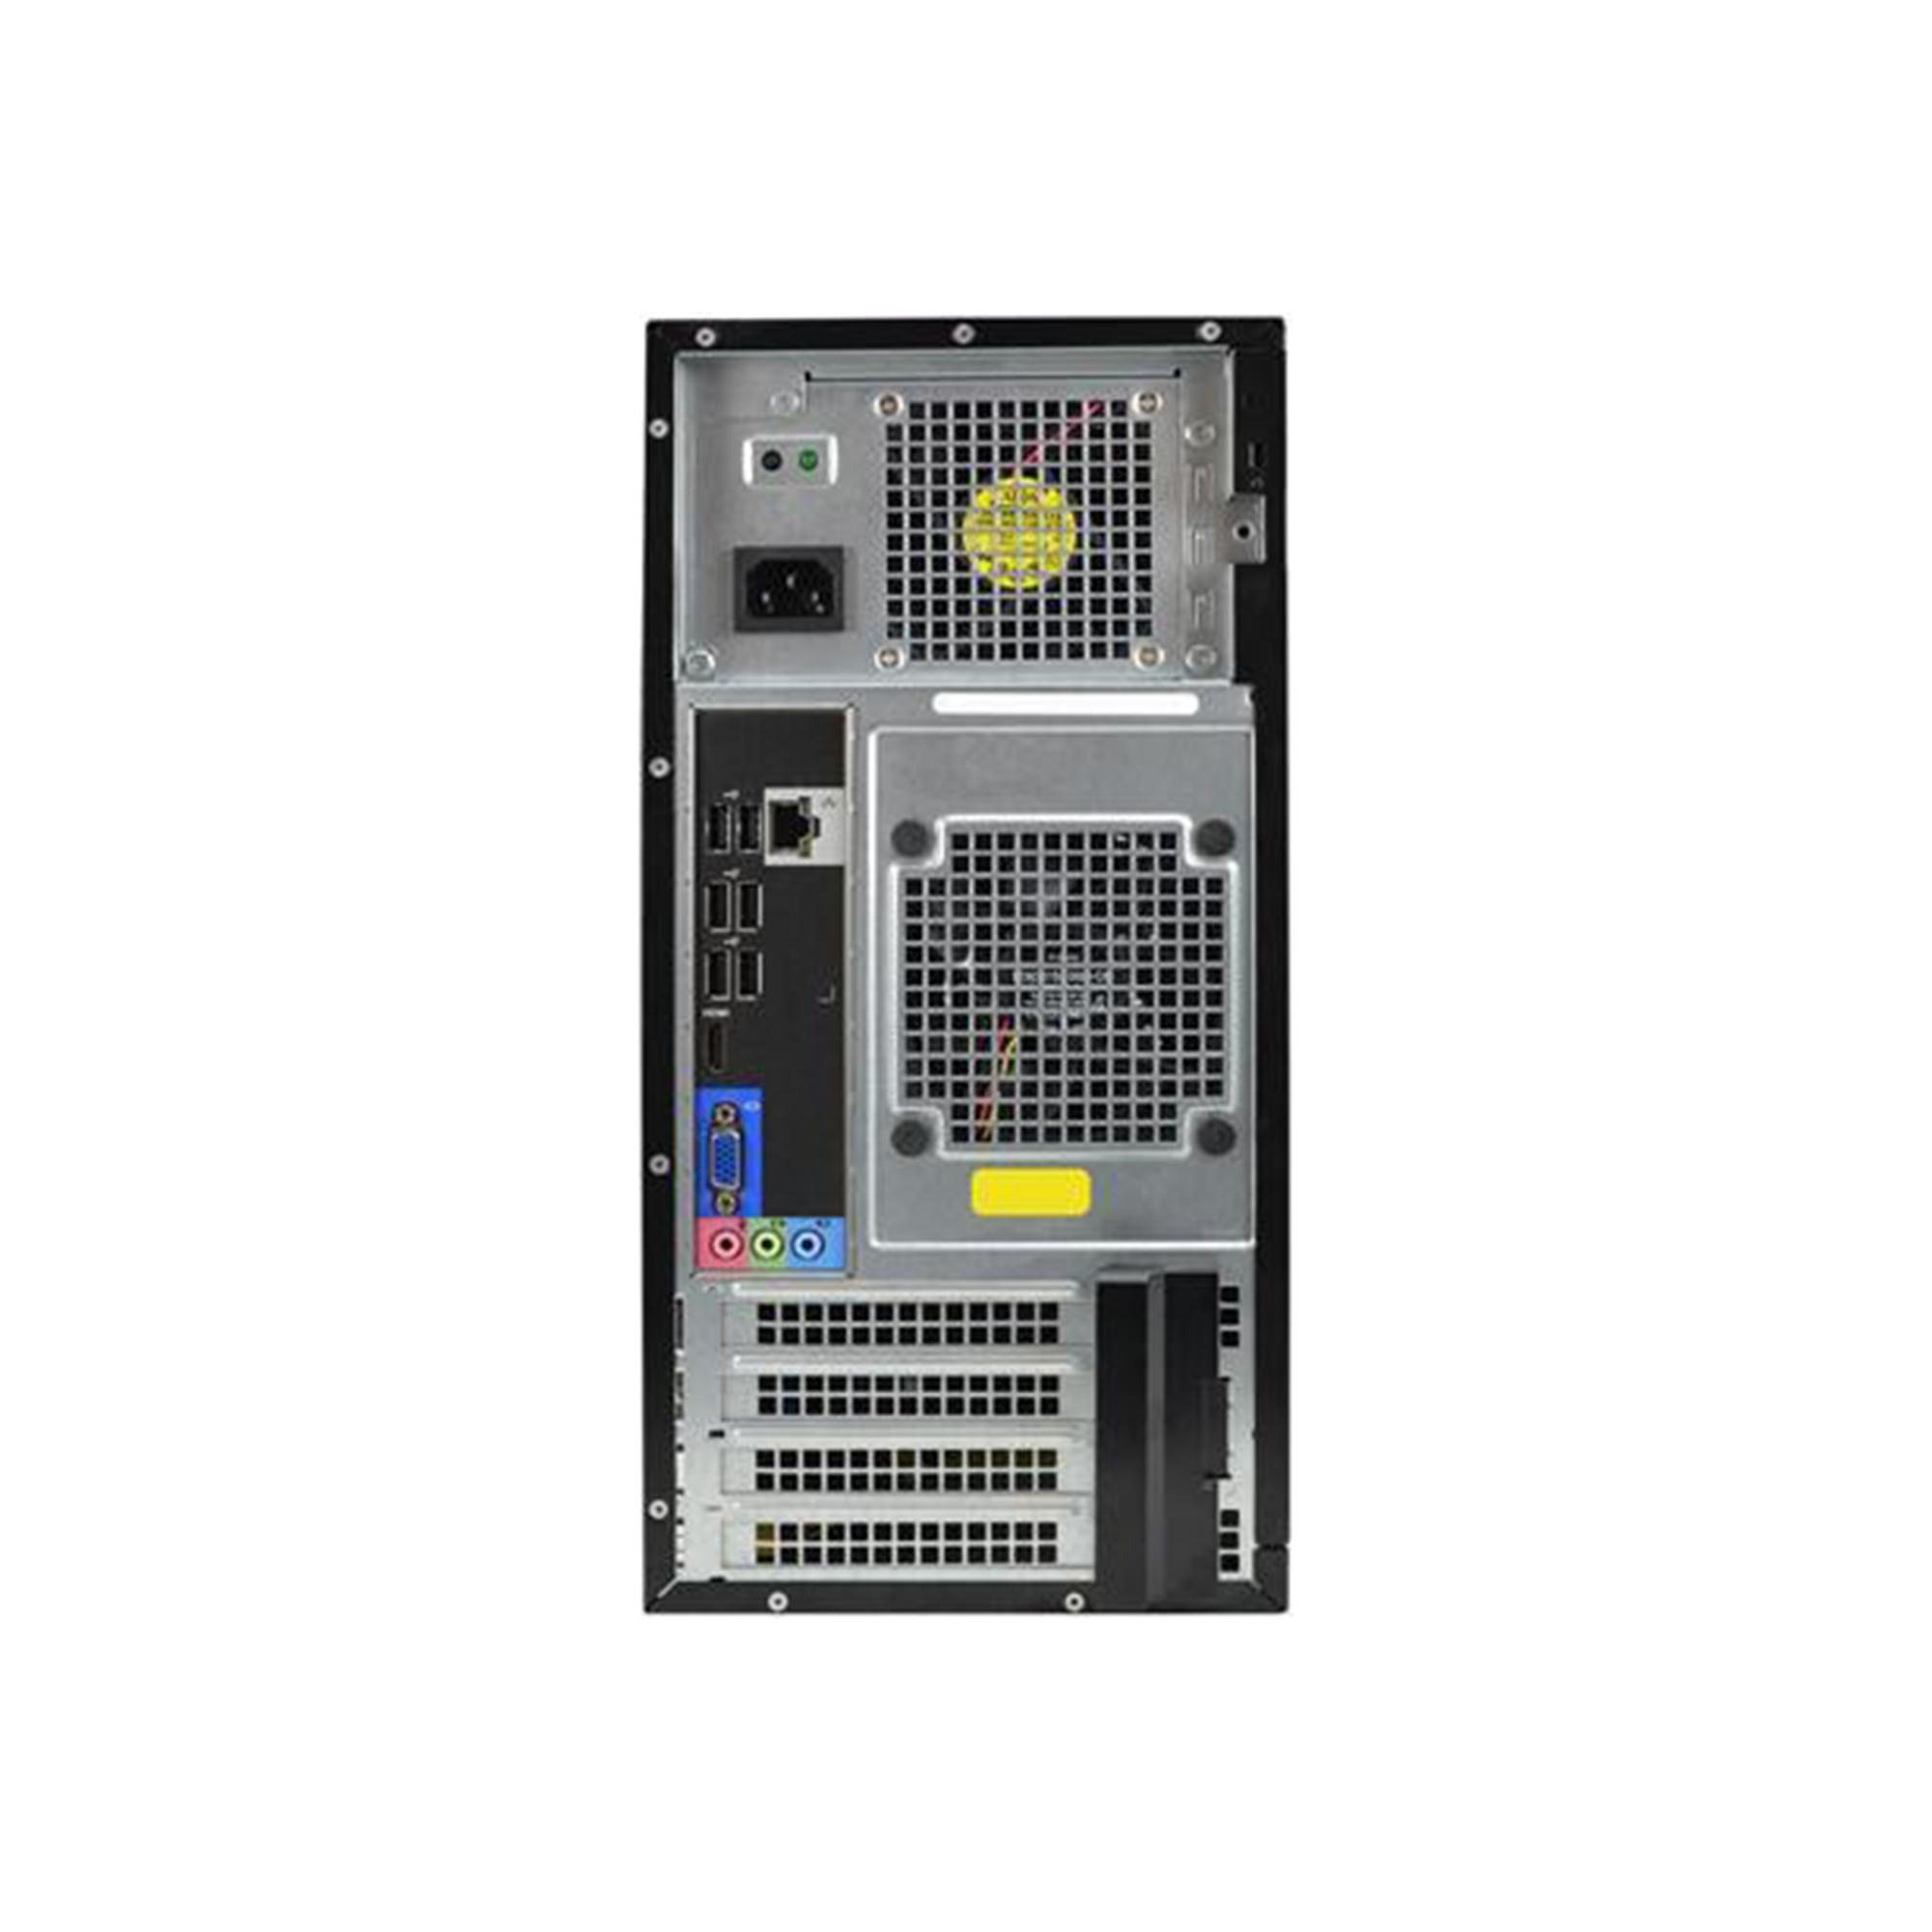 Dell Optiplex 3010 MT Core i5 3.2 GHz - HDD 1 TB RAM 8GB